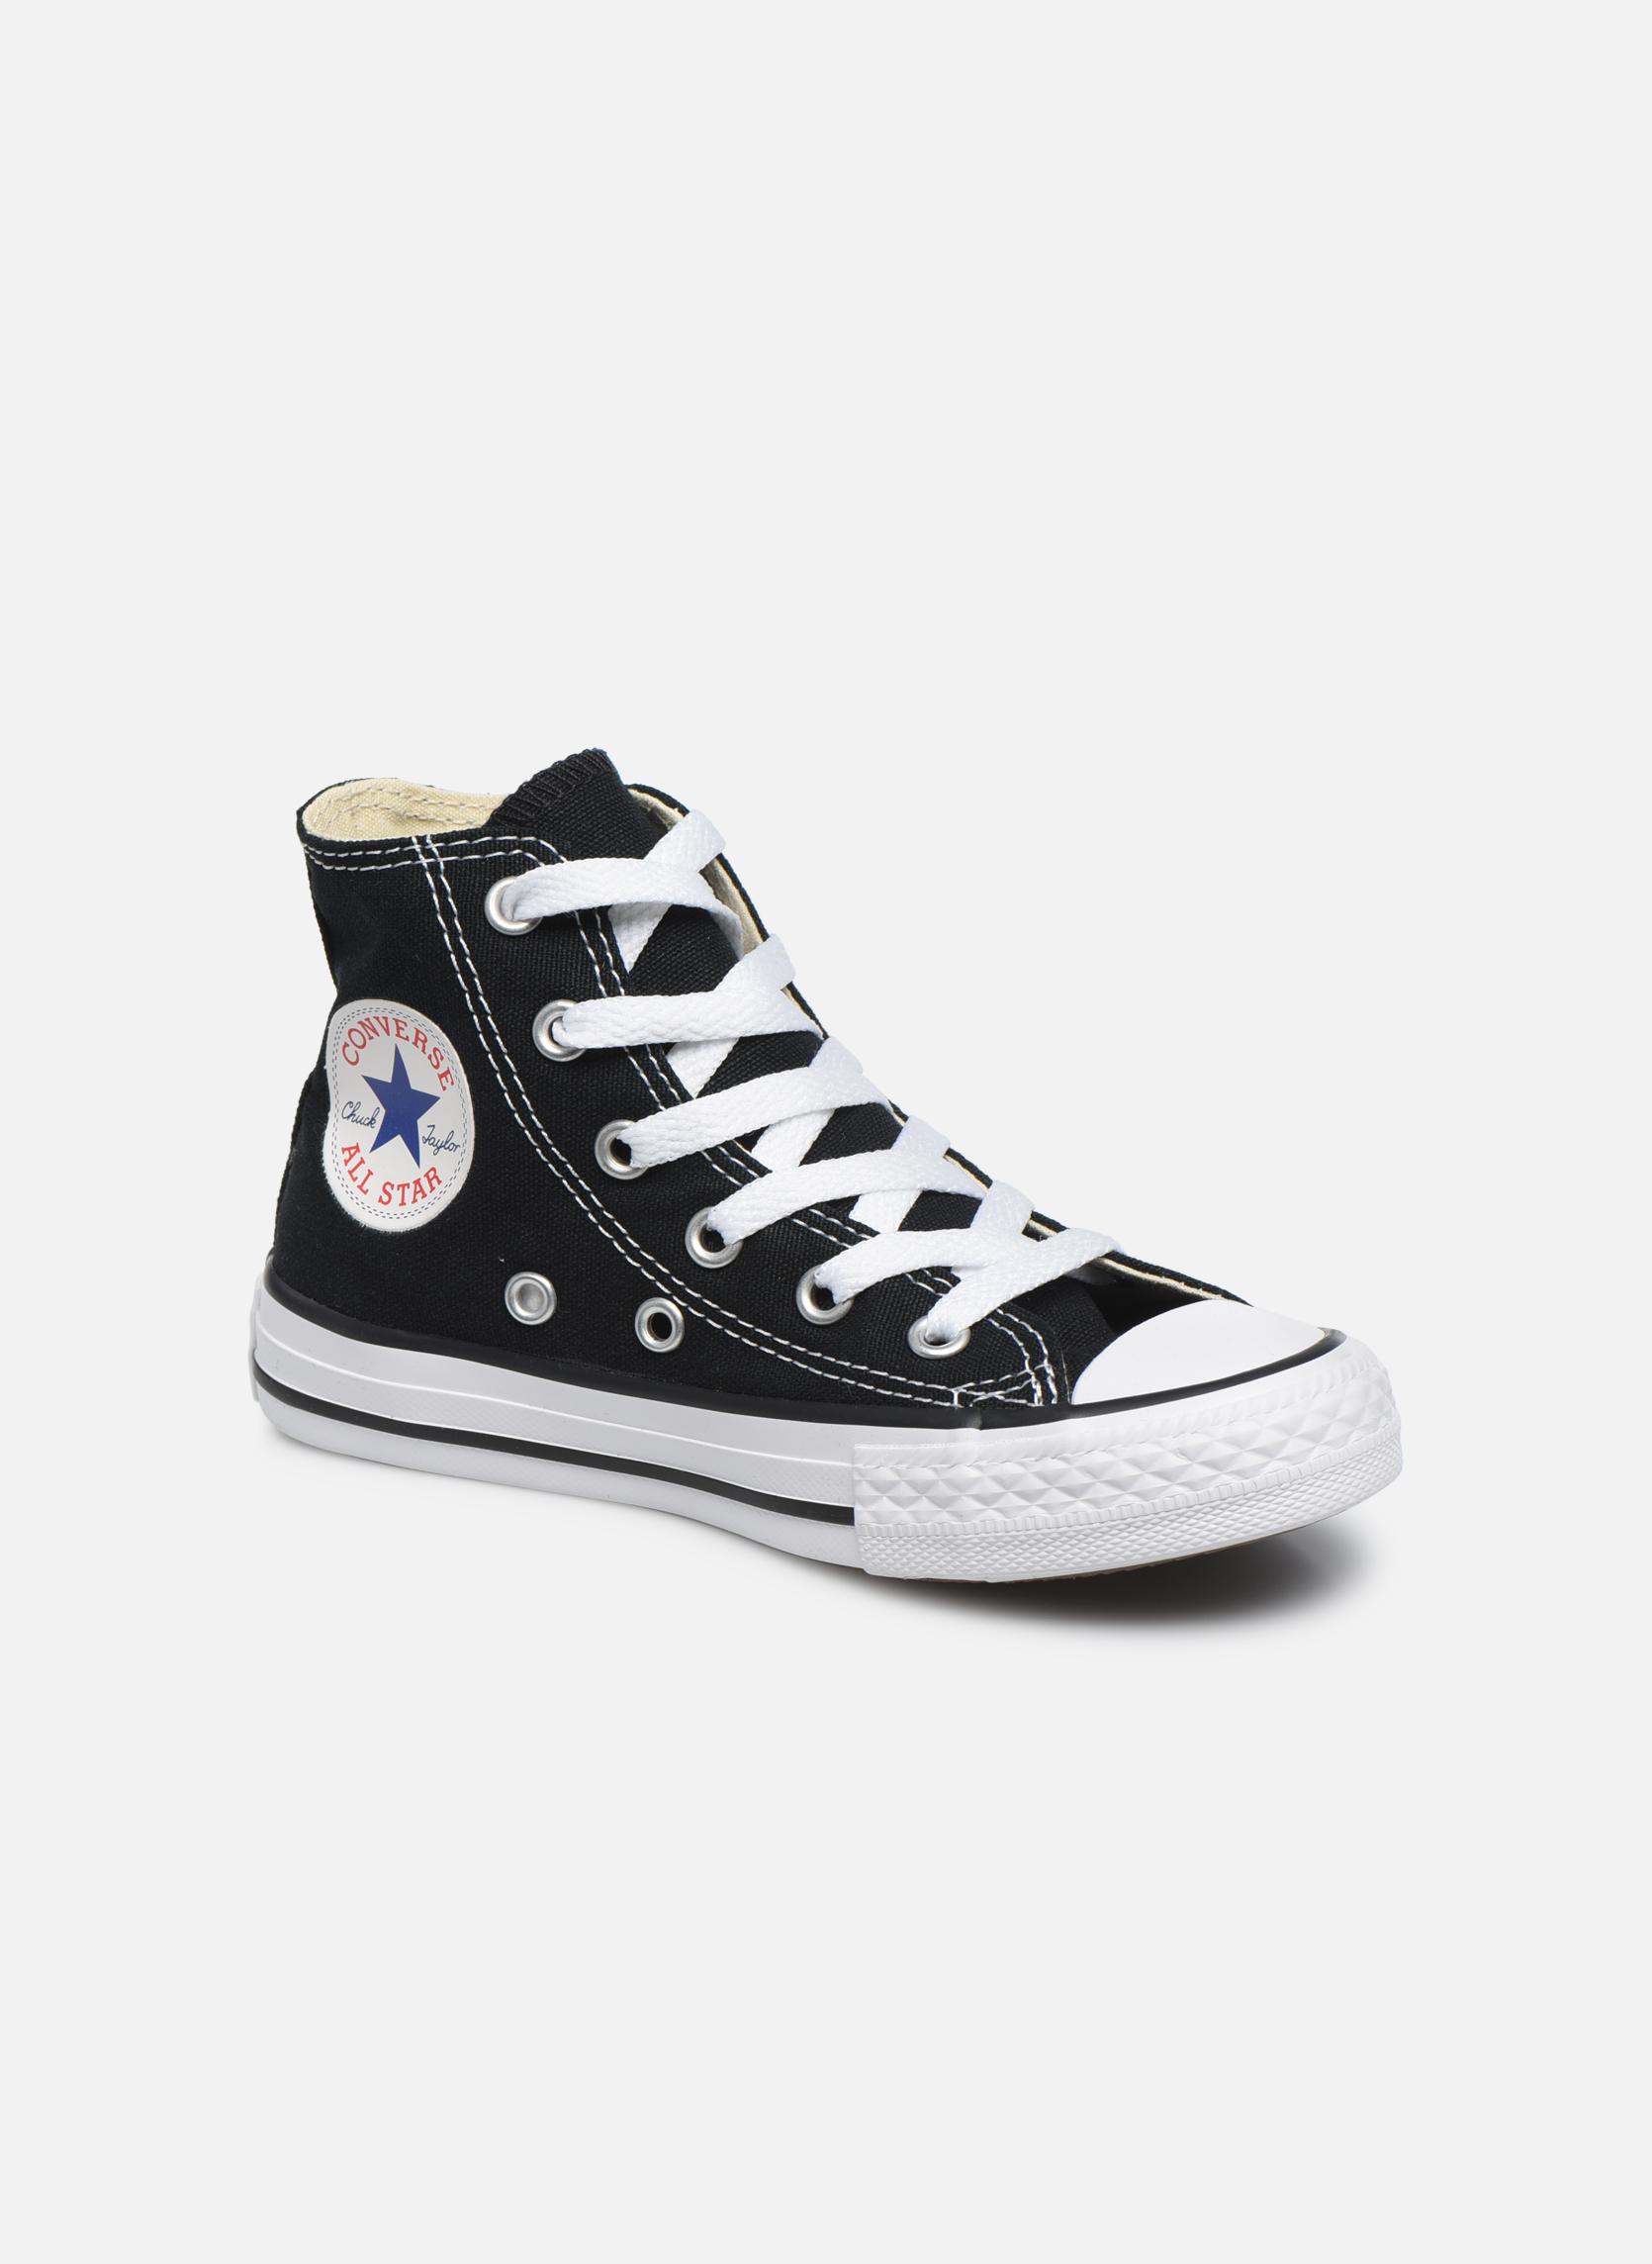 Chuck Taylor All Star Core Hi Black